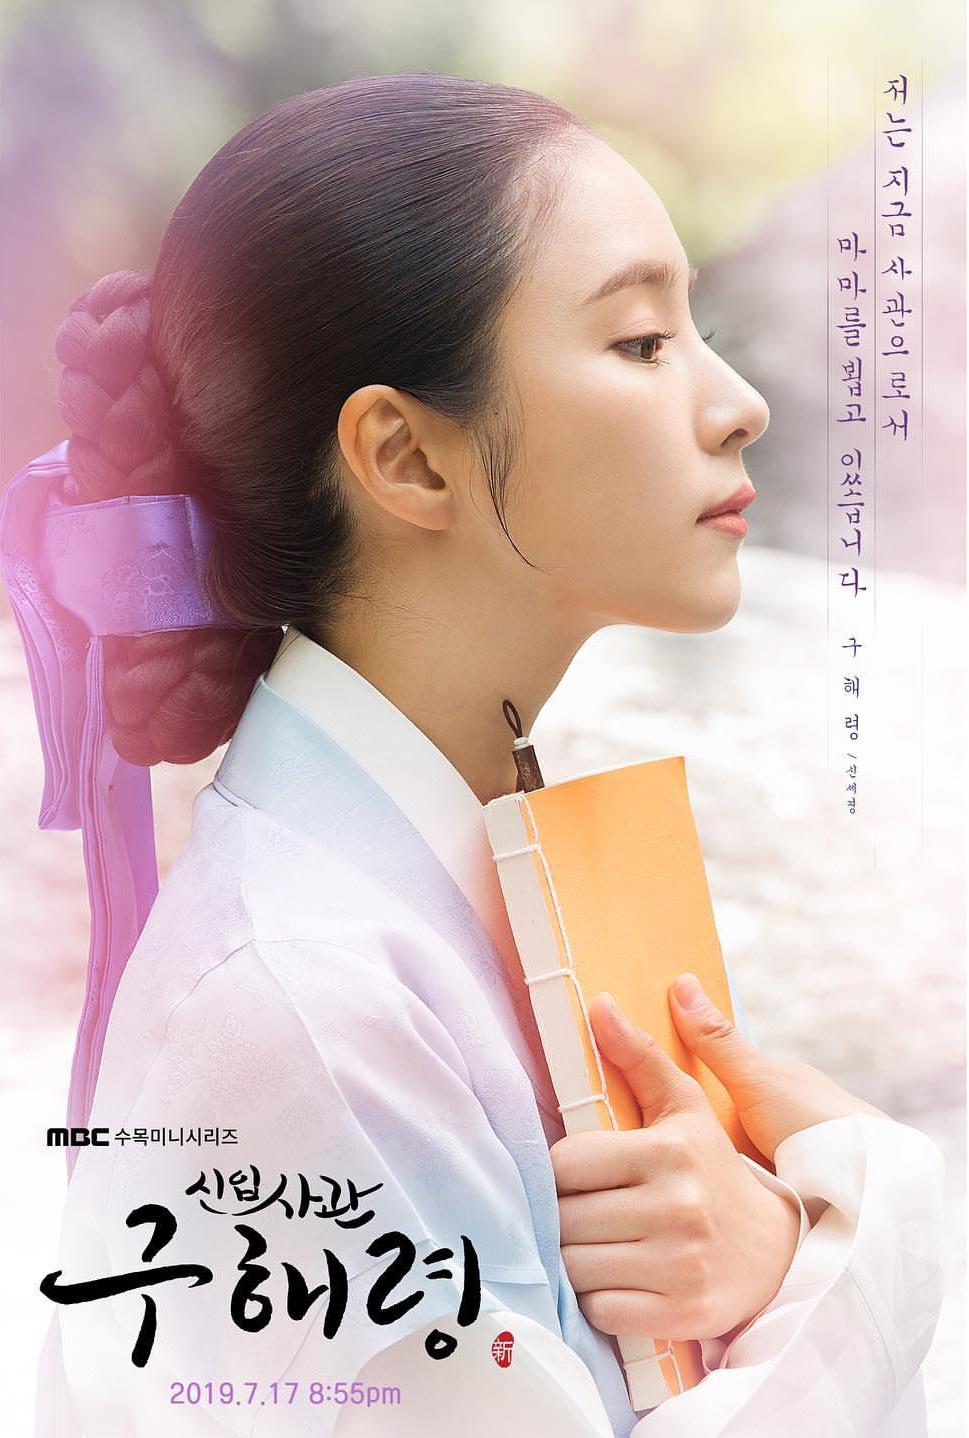 暑假就是要追韩剧啦!七月韩剧清单在此,你想追哪部?插图(10)